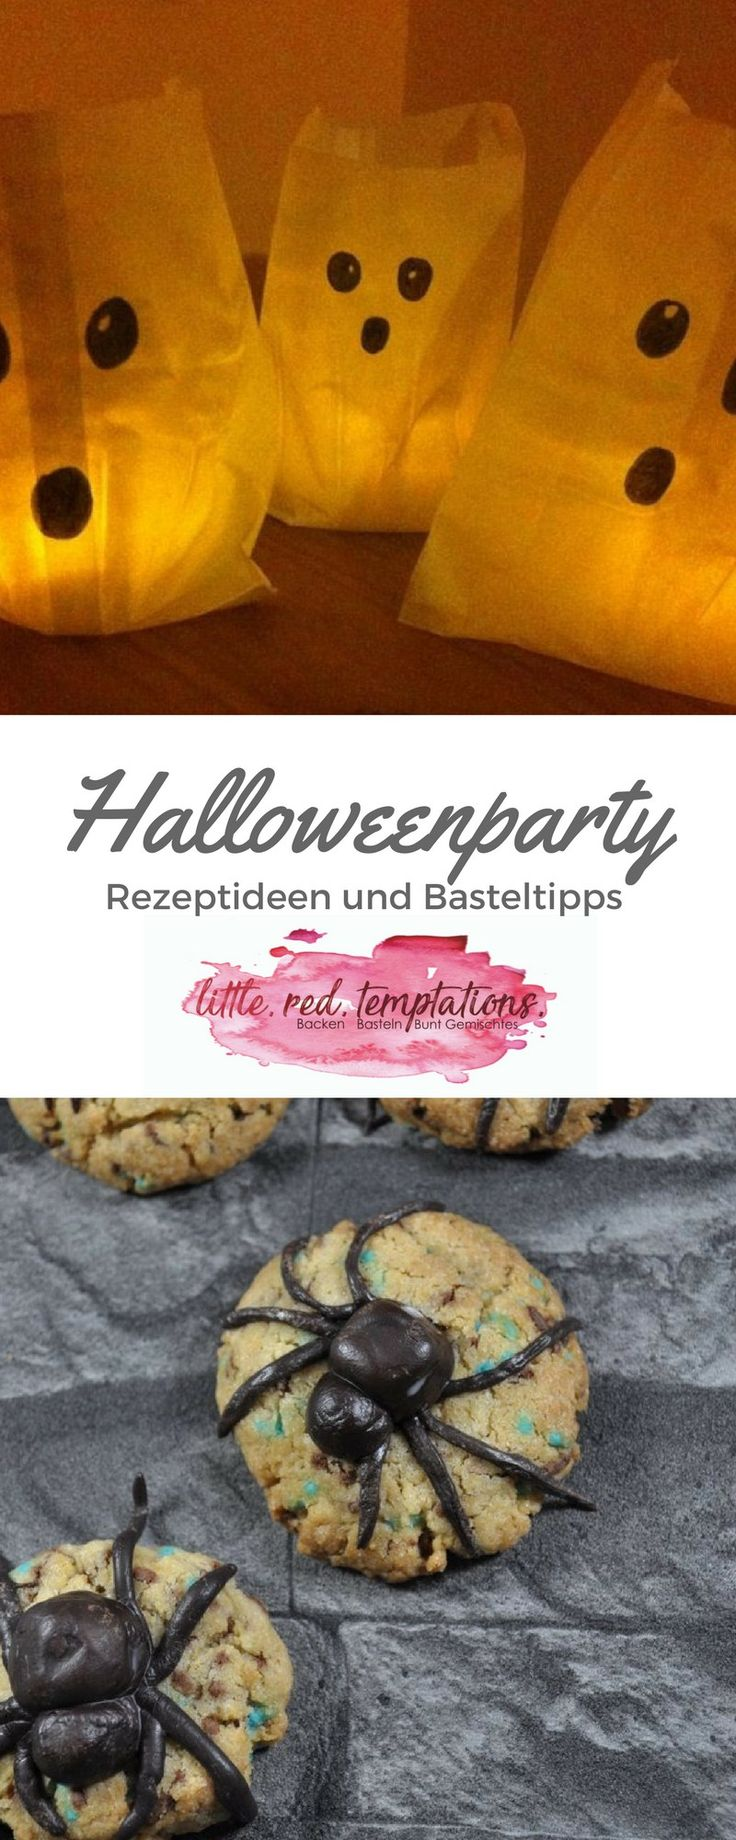 Ideen für deine Halloween Party: Halloween Rezept-Ideen, gruselige Basteltipps und Partyspiele rund um Halloween - jede Menge DIY und Rezeptideen findest du auf dem Blog